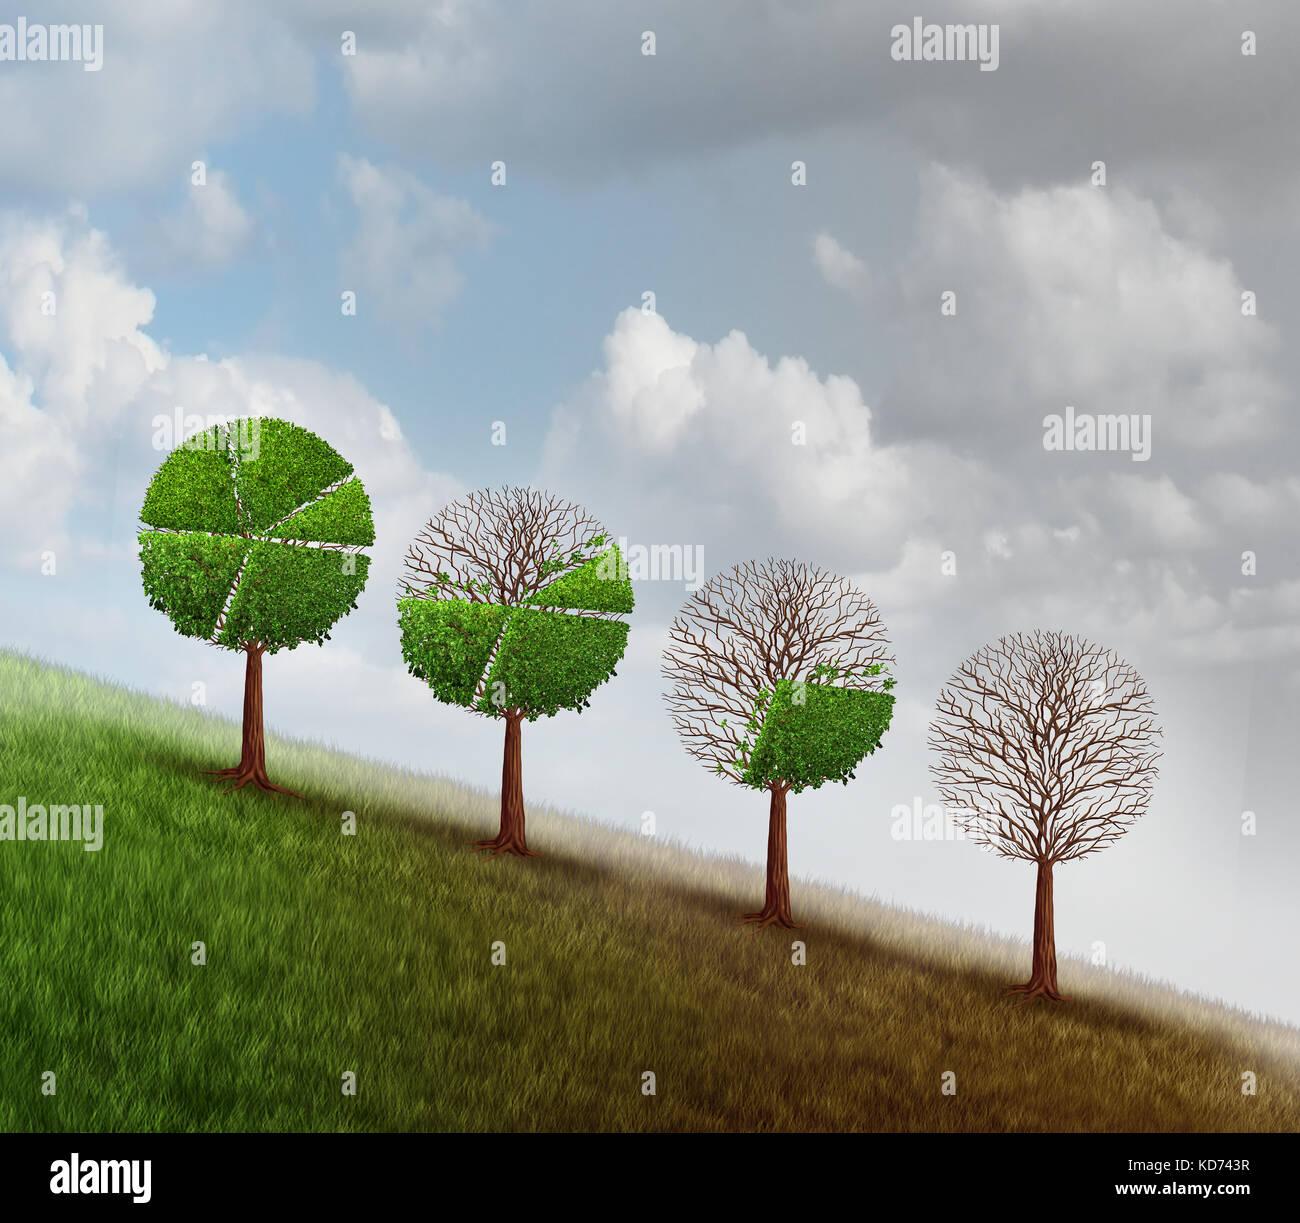 Der wirtschaftliche Niedergang und die Rezession ändern, wie eine Gruppe von Bäumen als finanzielle Diagramm Stockbild